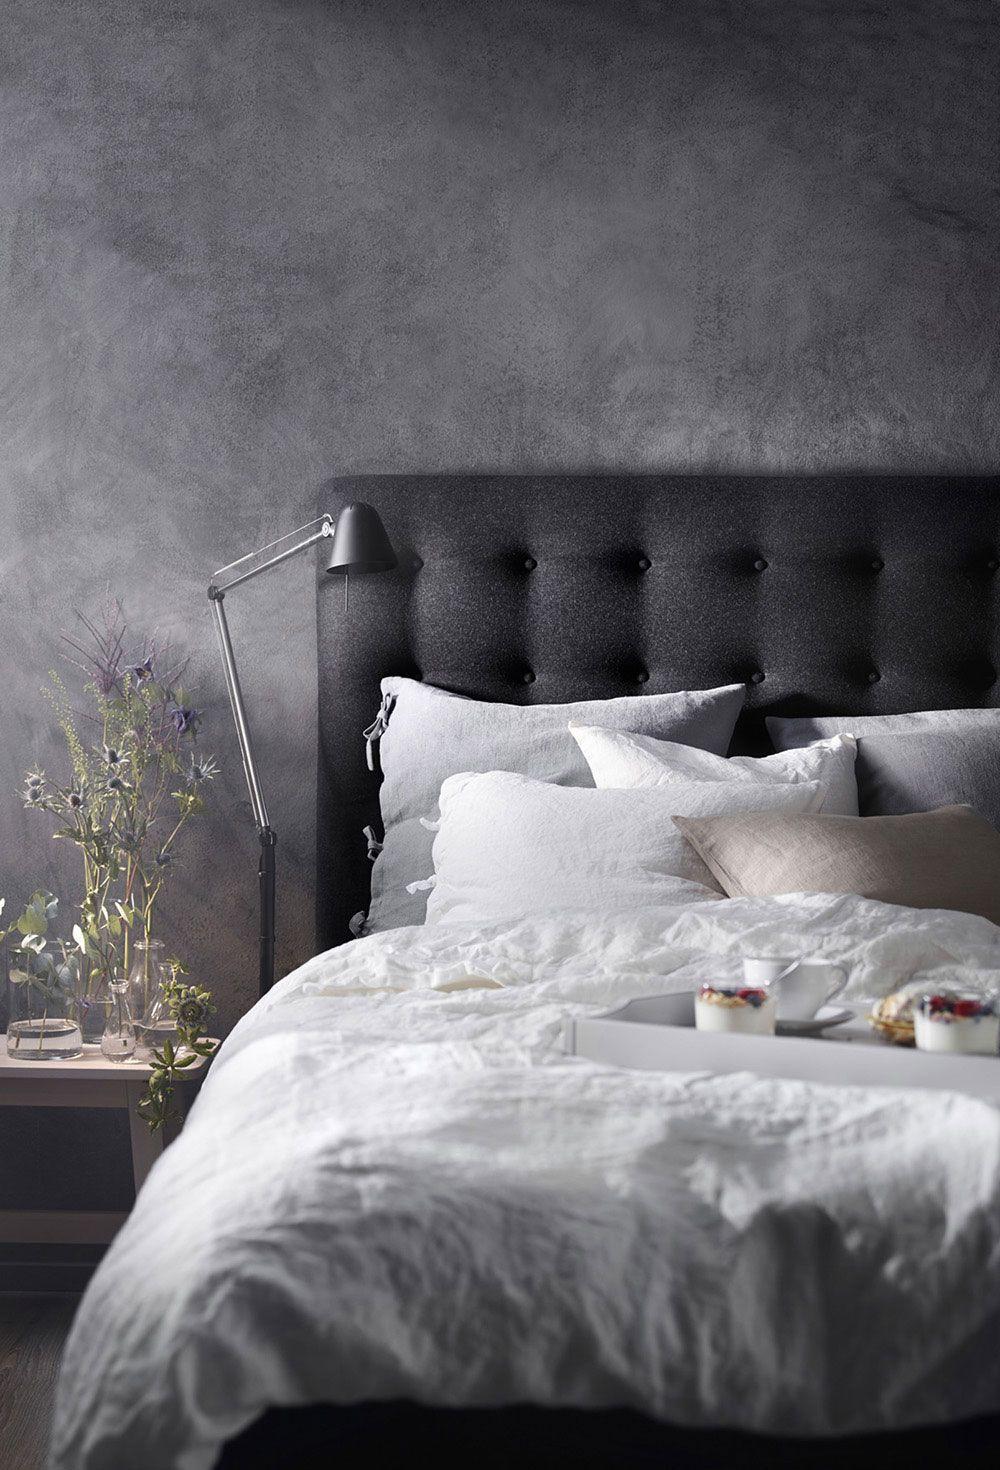 7 Wohlfühl-Tipps und Stilregeln für mehr Harmonie im Schlafzimmer! – Life und Style Blog aus Österreich